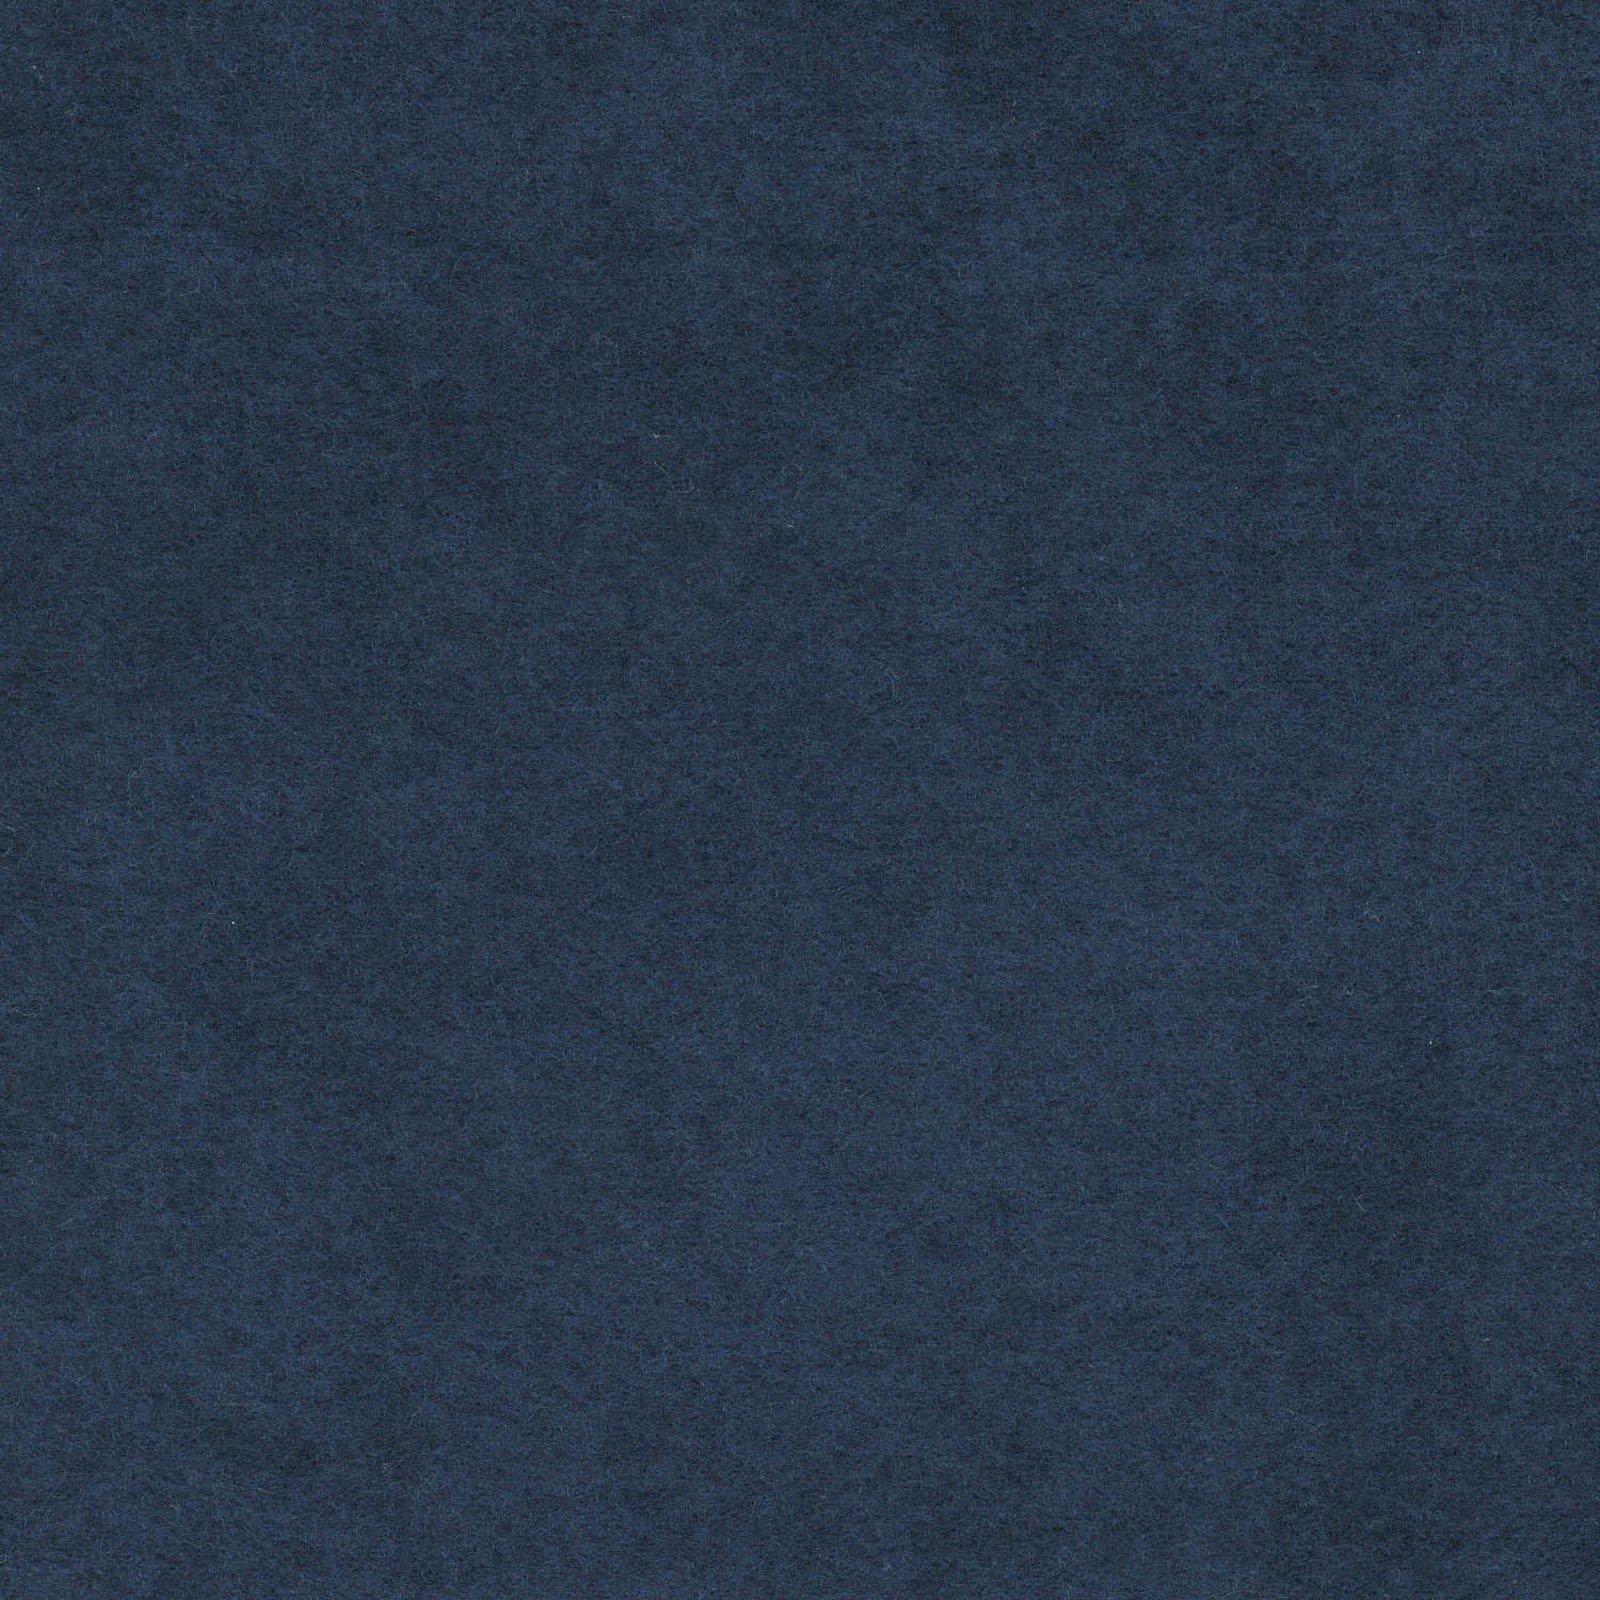 Shadow Play Flannel - MASF513-N32